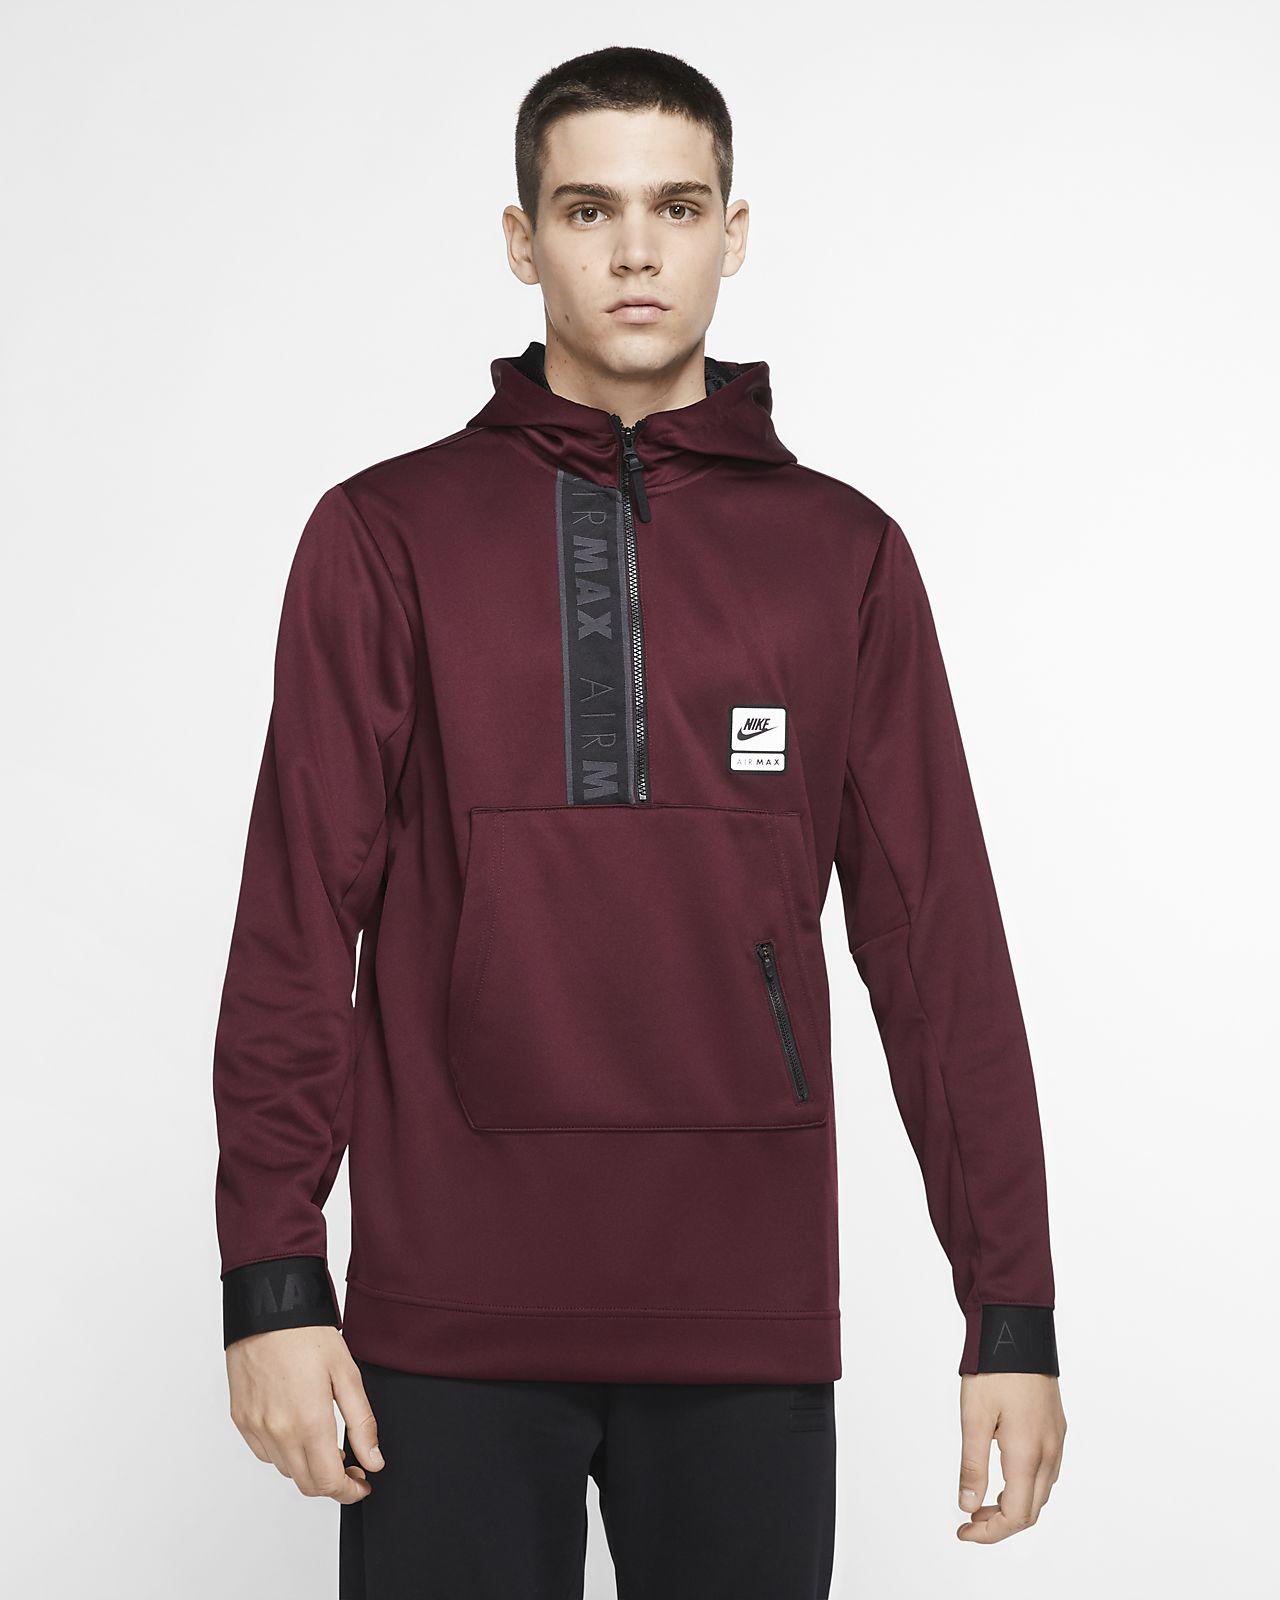 Huvtröja med halvlång dragkedja Nike Sportswear Air Max för män